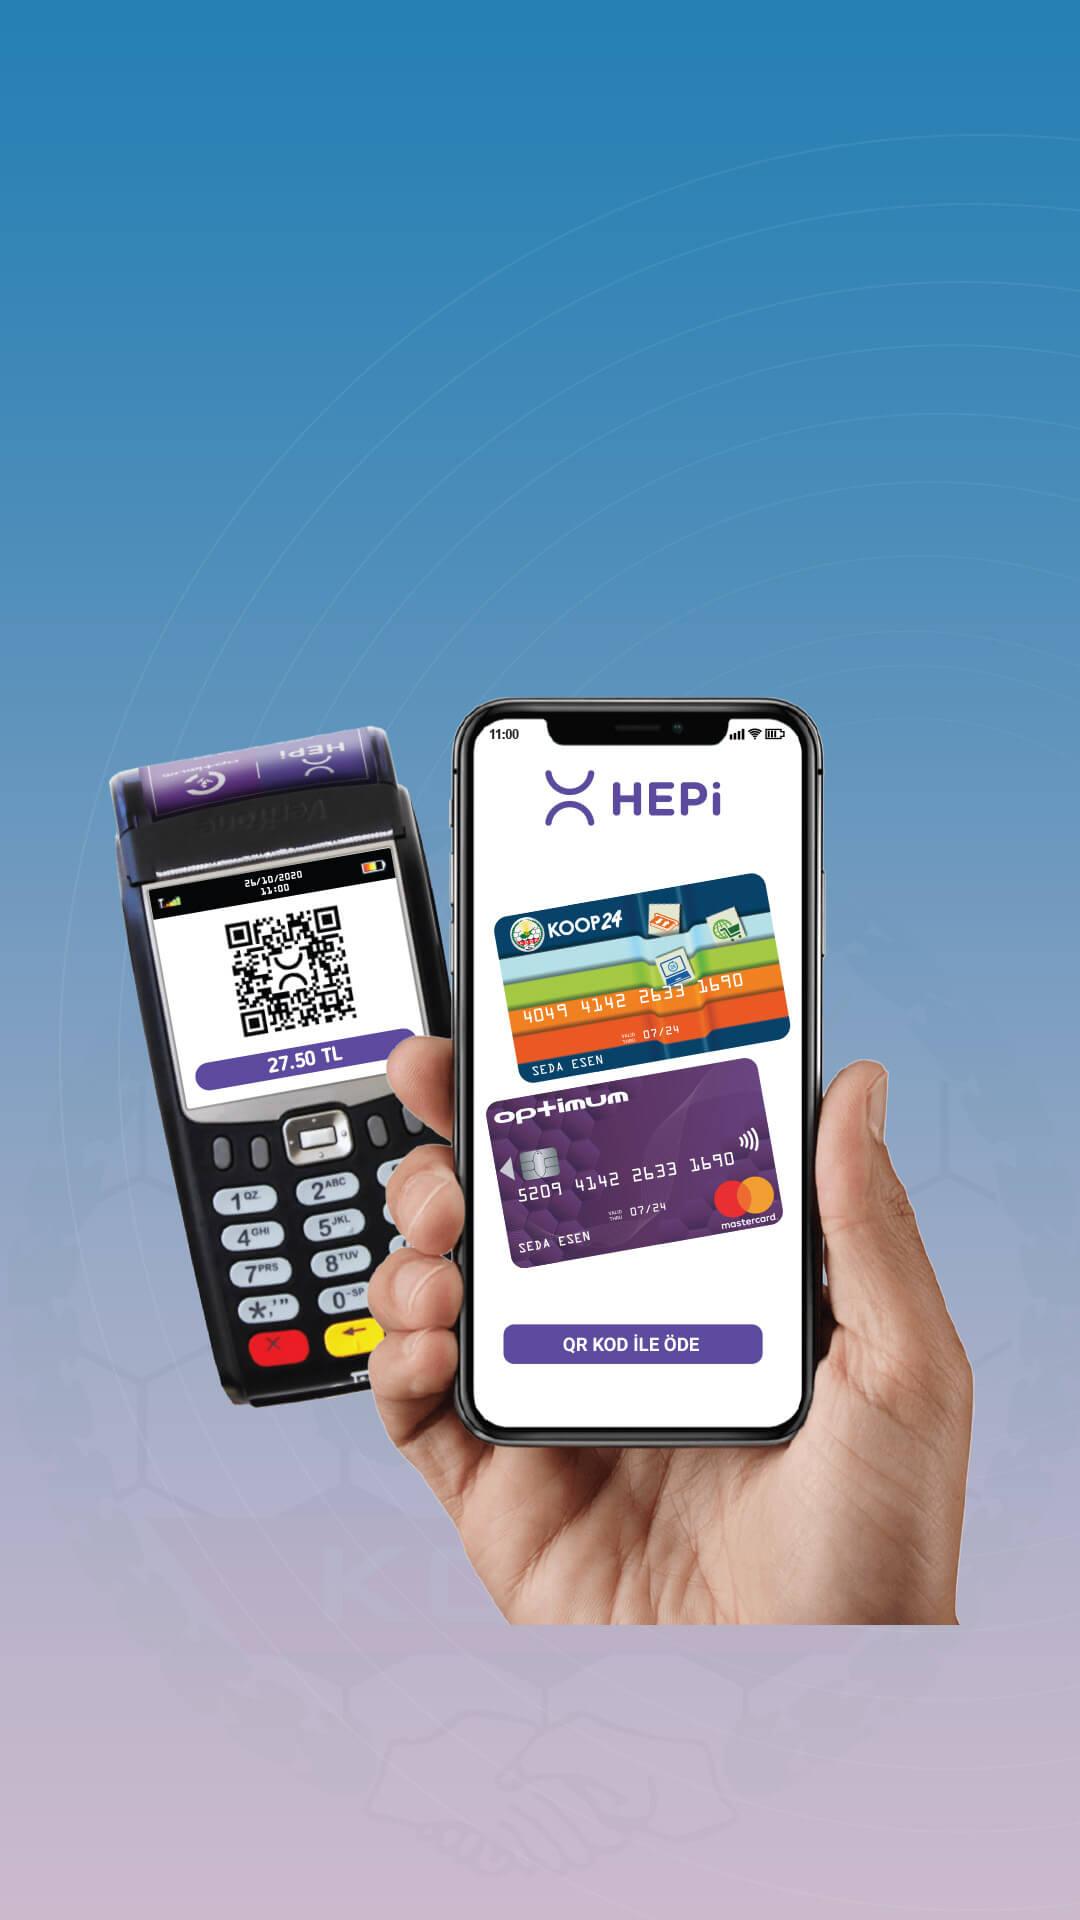 Optimum ve Koop24 kartlarını tanımla, QR Kodu ile Temassız Ödemeye Başla.